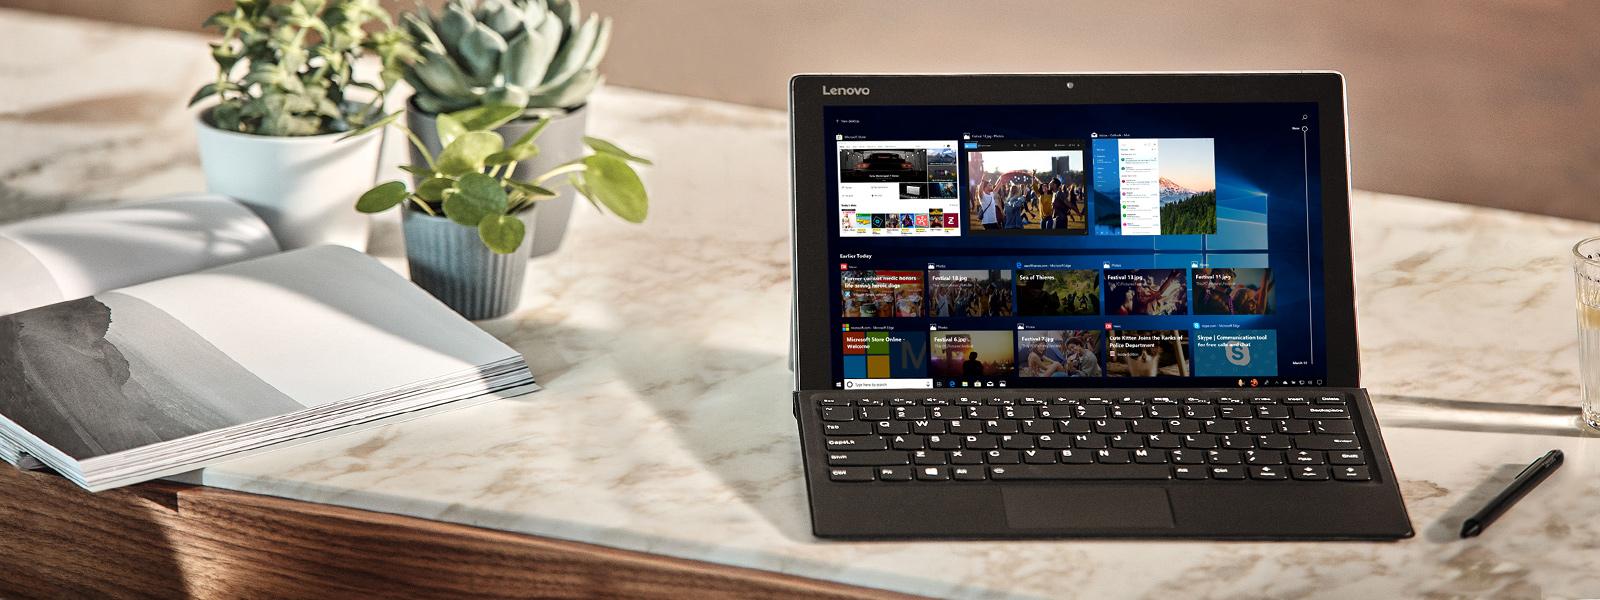 Schermo di computer sul quale è visualizzato l'Aggiornamento di Windows 10 (aprile 2018)